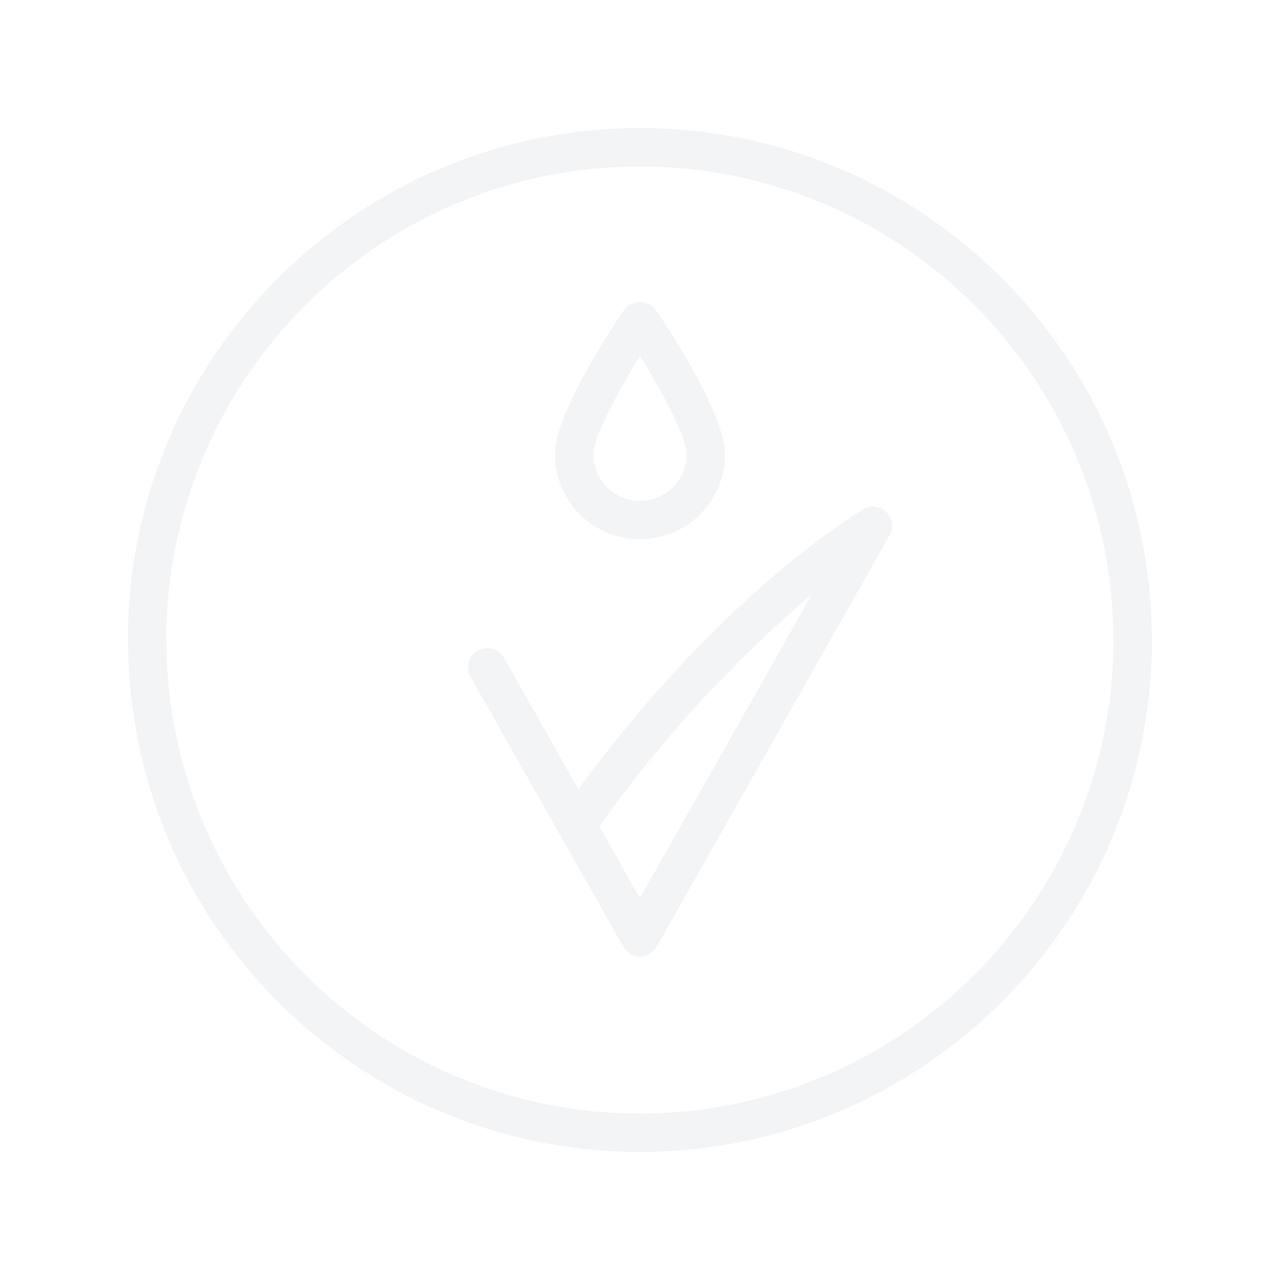 PALMER'S Coconut Oil Body Oil 150ml